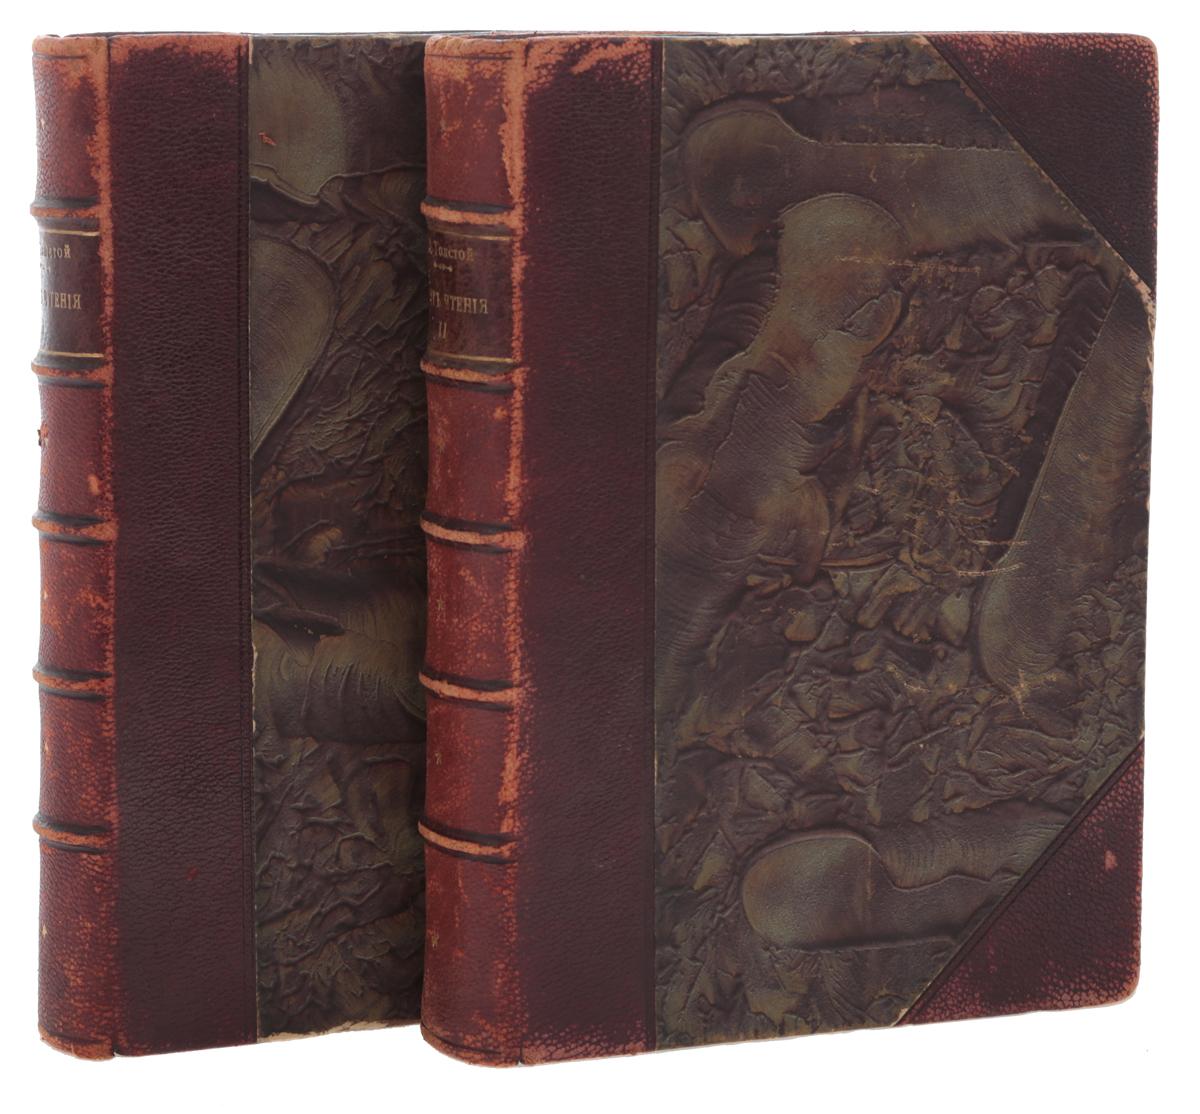 Круг чтения. Избранные, собранные и расположенные на каждый день Львом Толстым мысли многих писателей об истине, жизни и поведении. В 2-х томах (комплект из 2 книг)